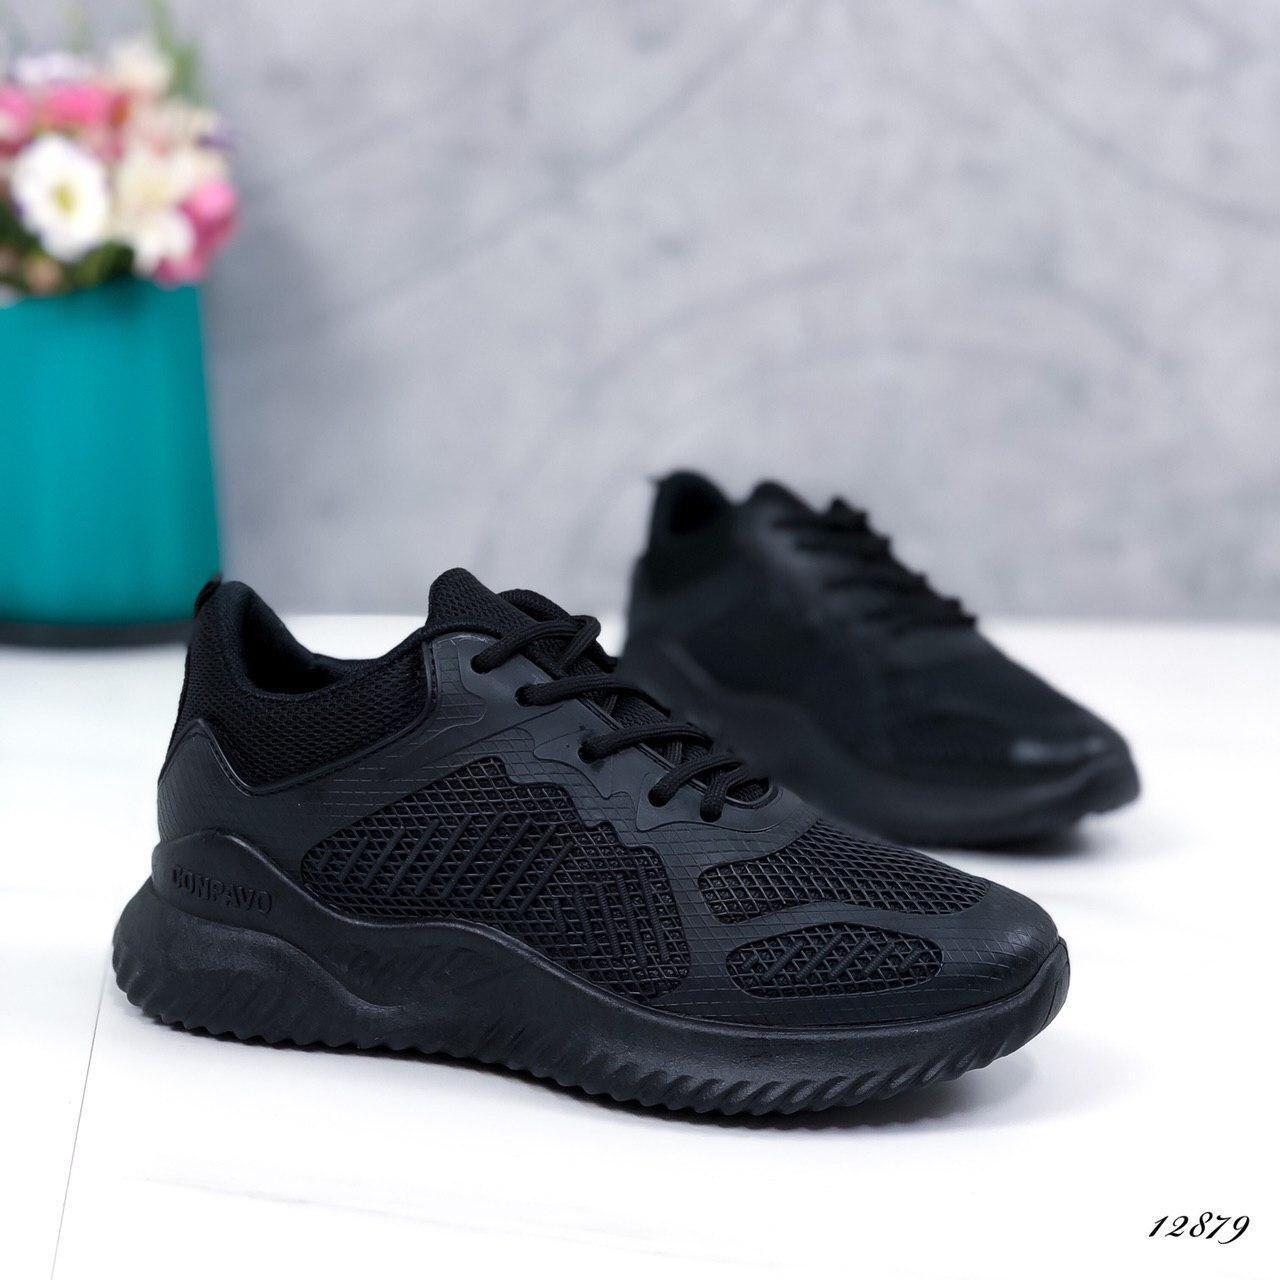 Женские текстильные кроссовки чёрные 37 размер